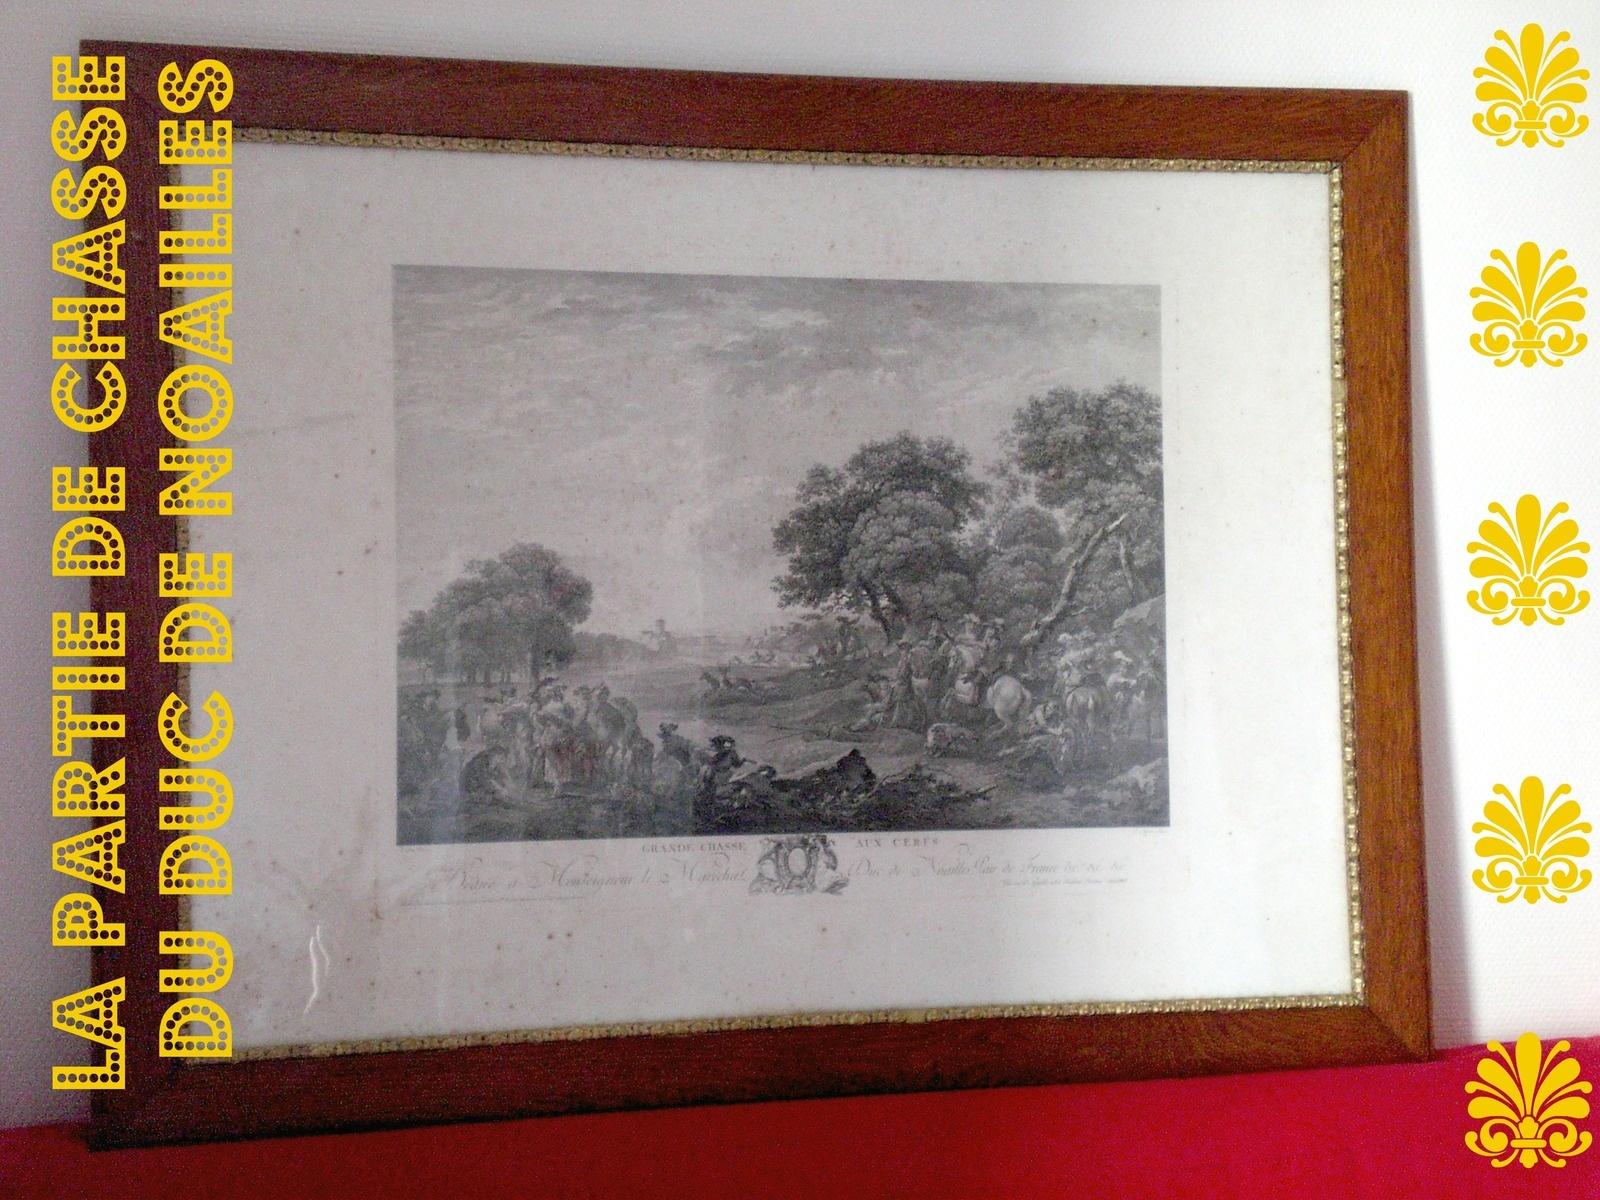 Restauration d'une gravure de chasse